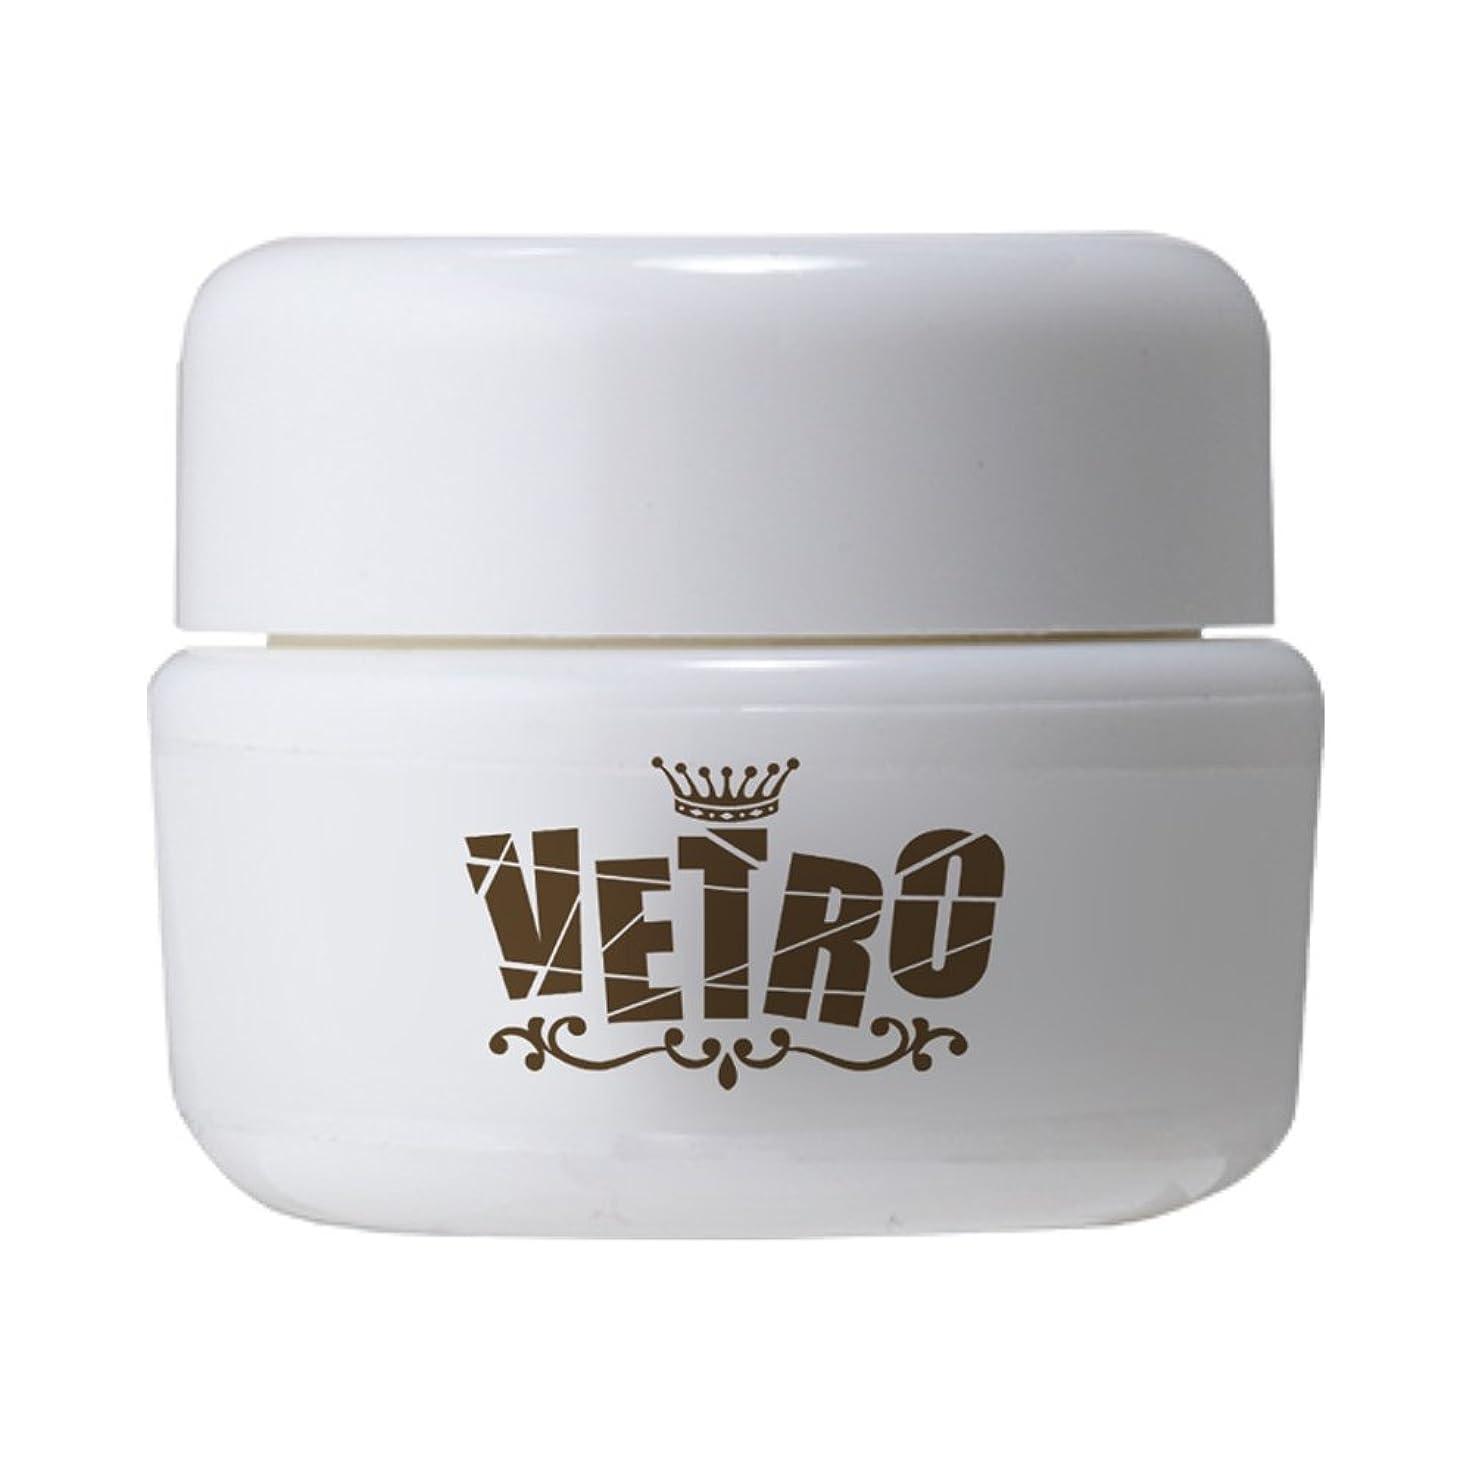 宴会証明する司法VETRO カラージェル VL392 アイコニックピンク 5ml UV/LED対応